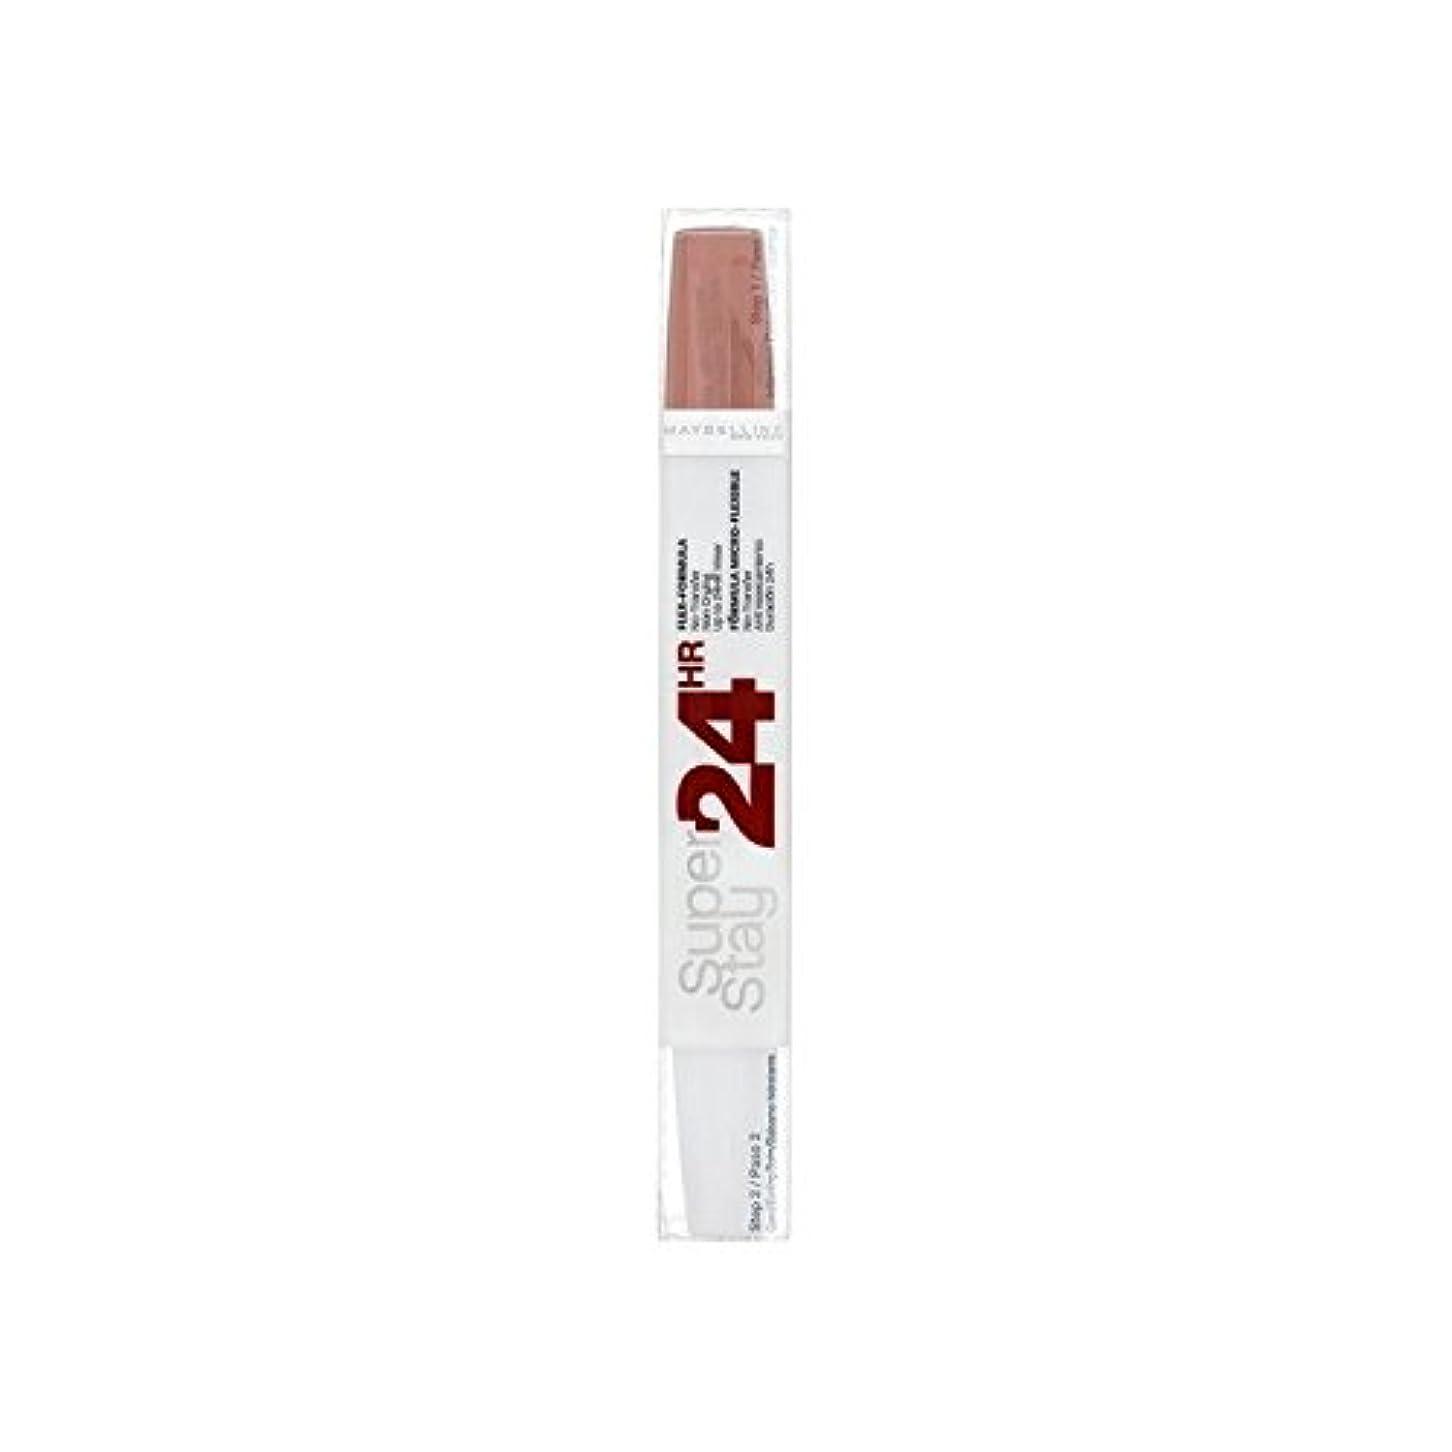 ヘッドレス神秘的な買収メイベリン24デュアル口紅611カスタードプディングの9ミリリットル x4 - Maybelline SuperStay24H Dual Lipstick 611 Cr?me Caramel 9ml (Pack of 4) [並行輸入品]